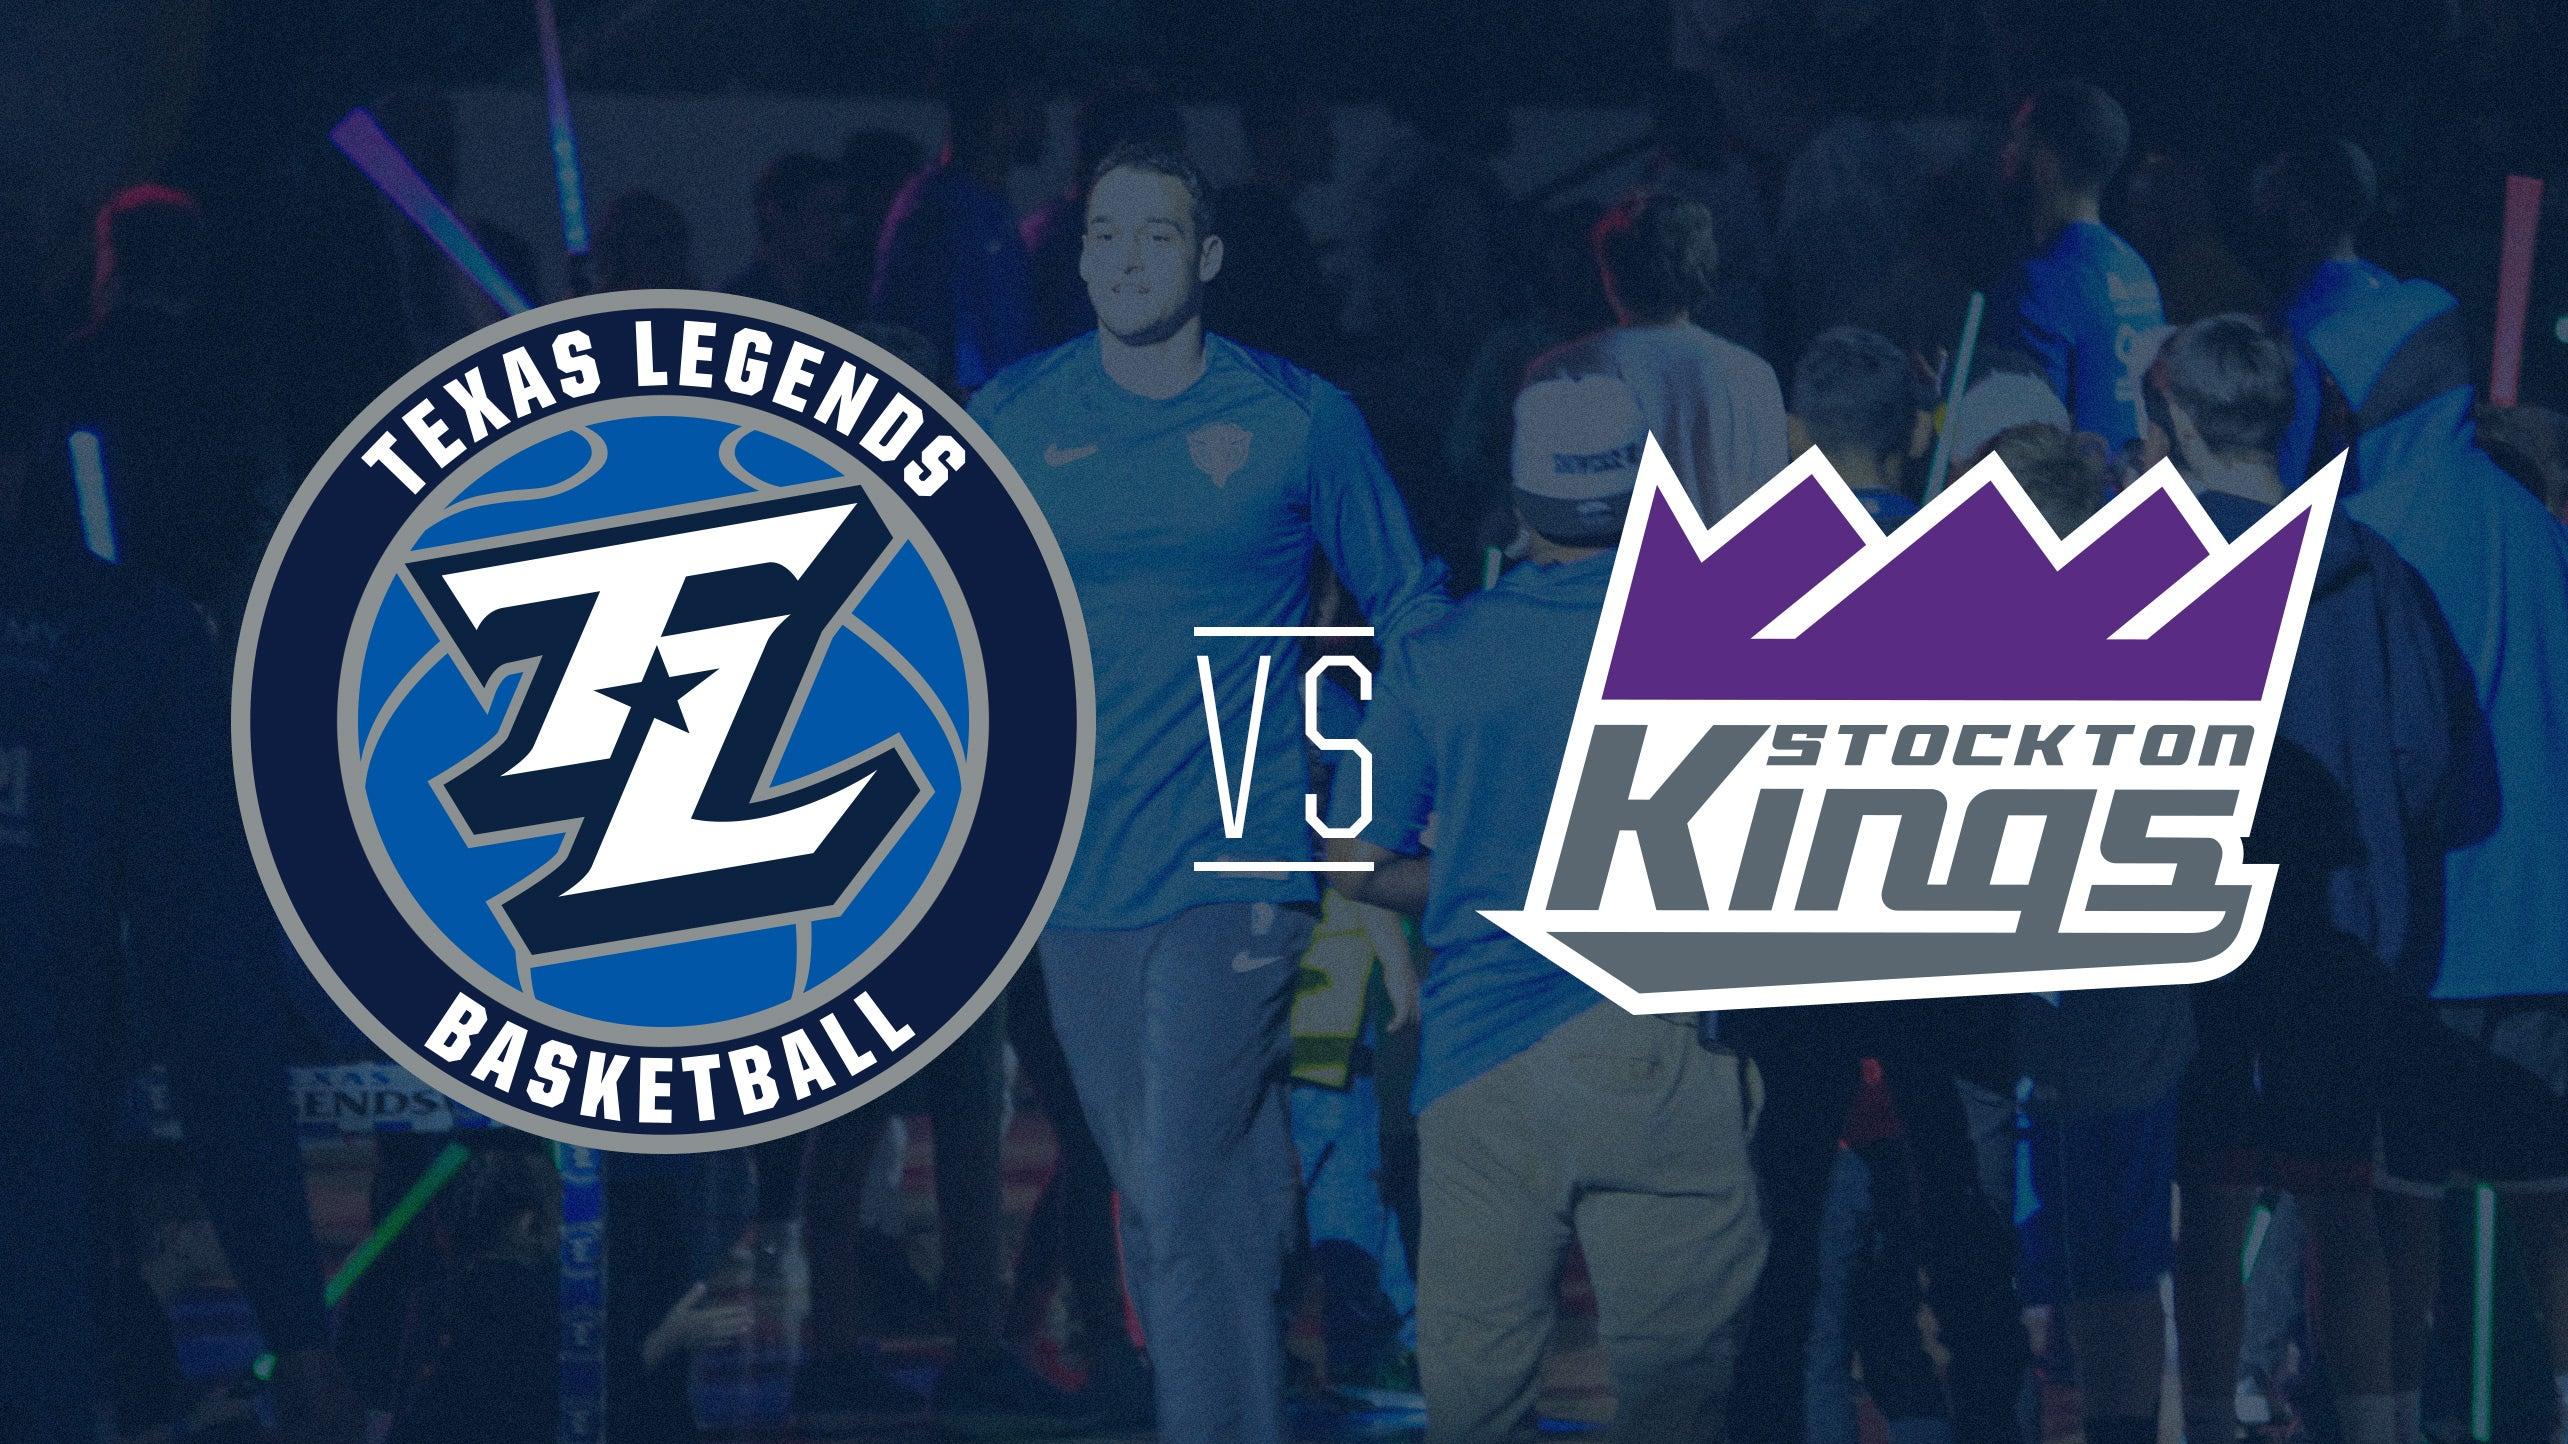 Texas Legends vs Stockton Kings